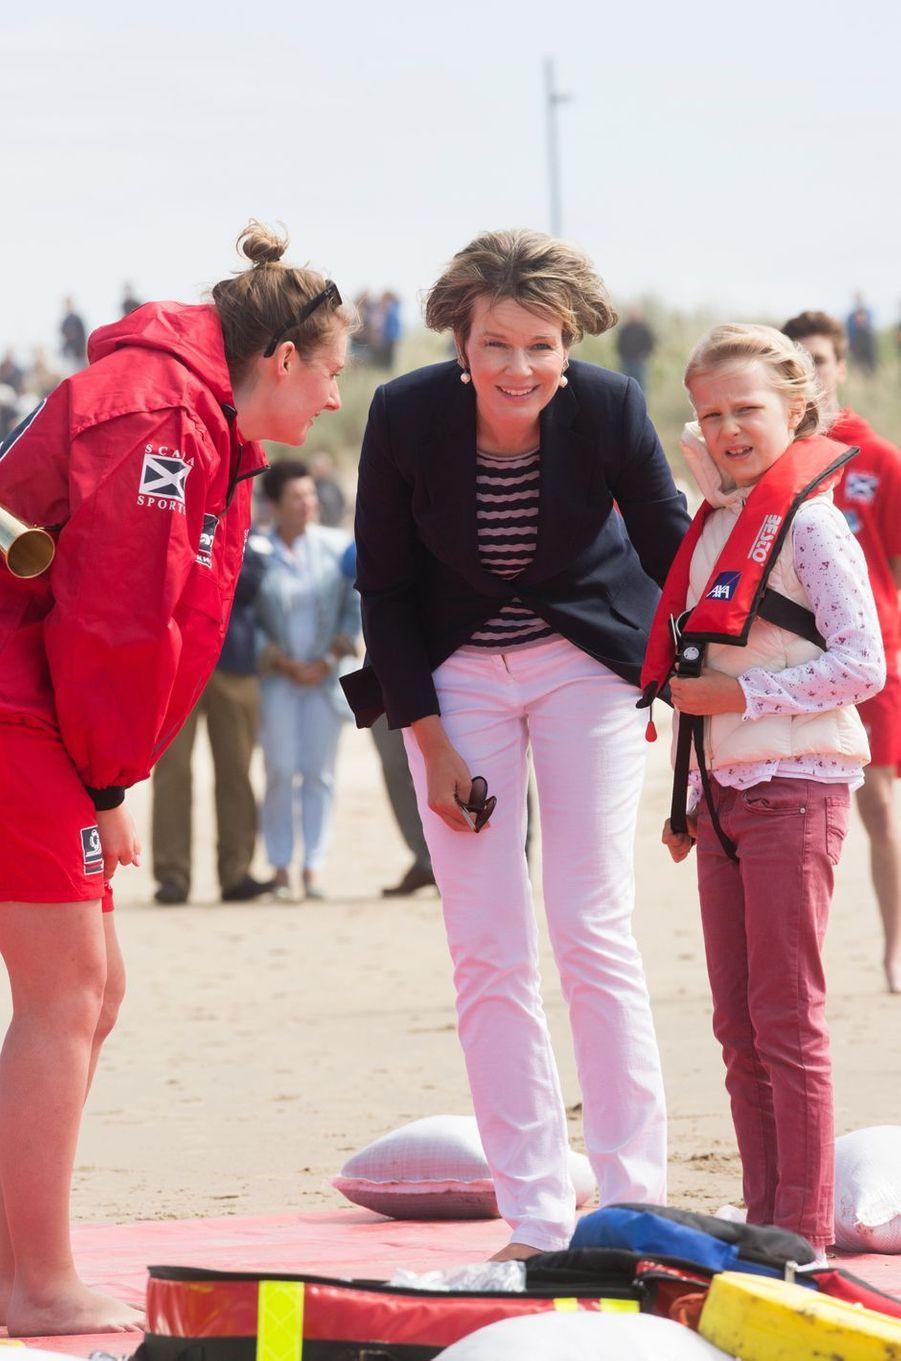 La reine Mathilde de Belgique et la princesse Eléonore sur la plage de Middelkerke, le 1er juillet 2017